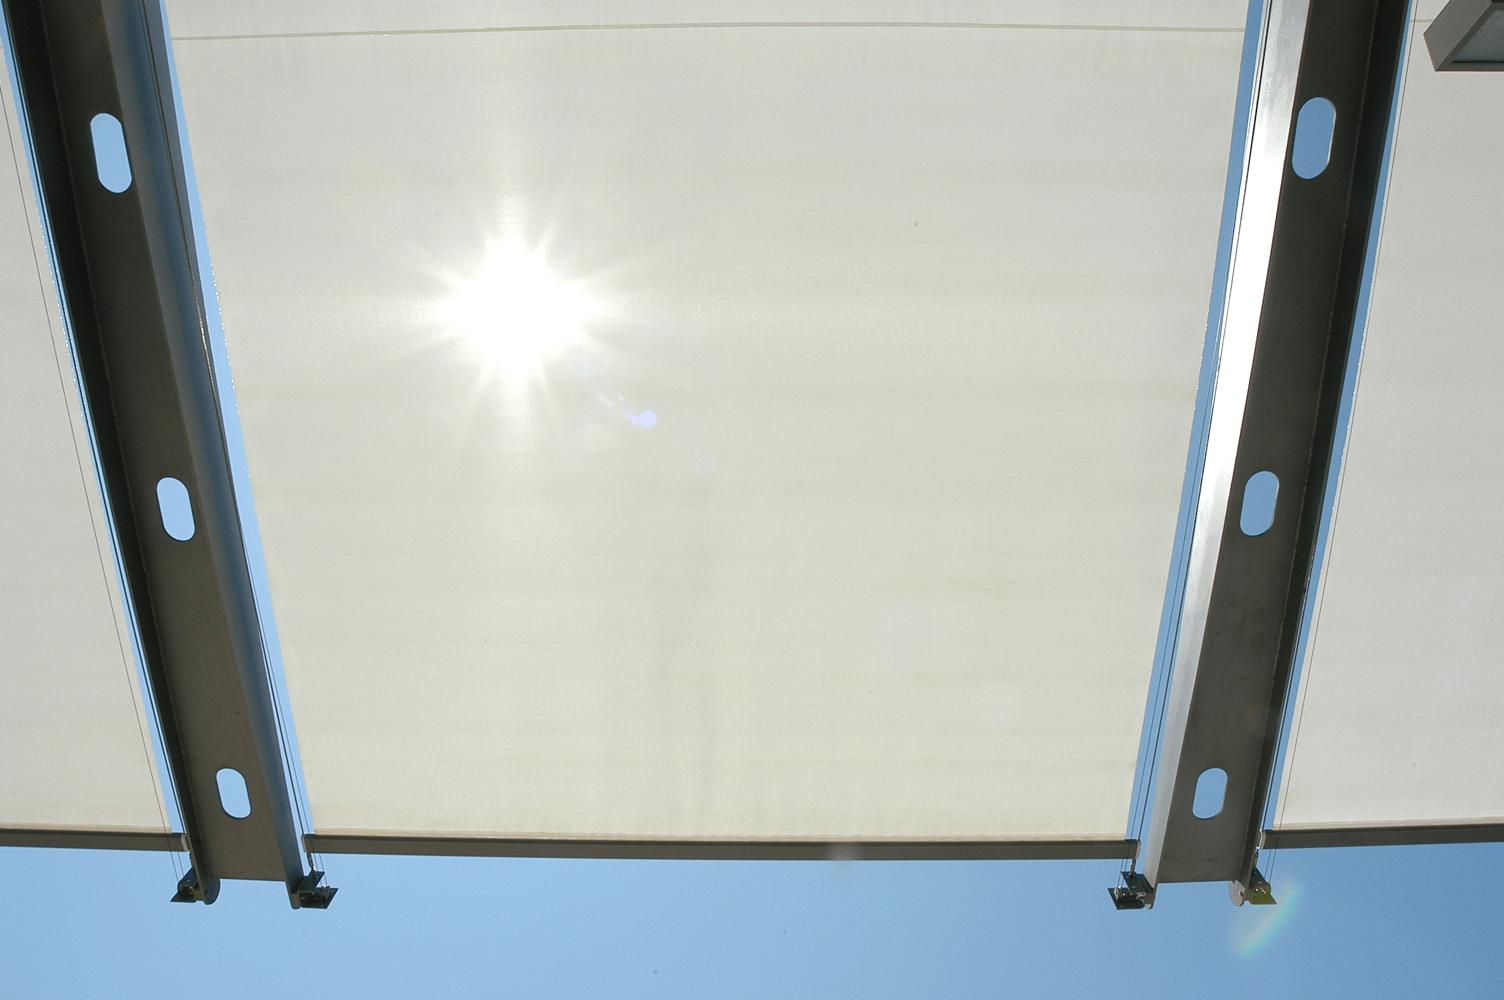 Marina Towers external blinds